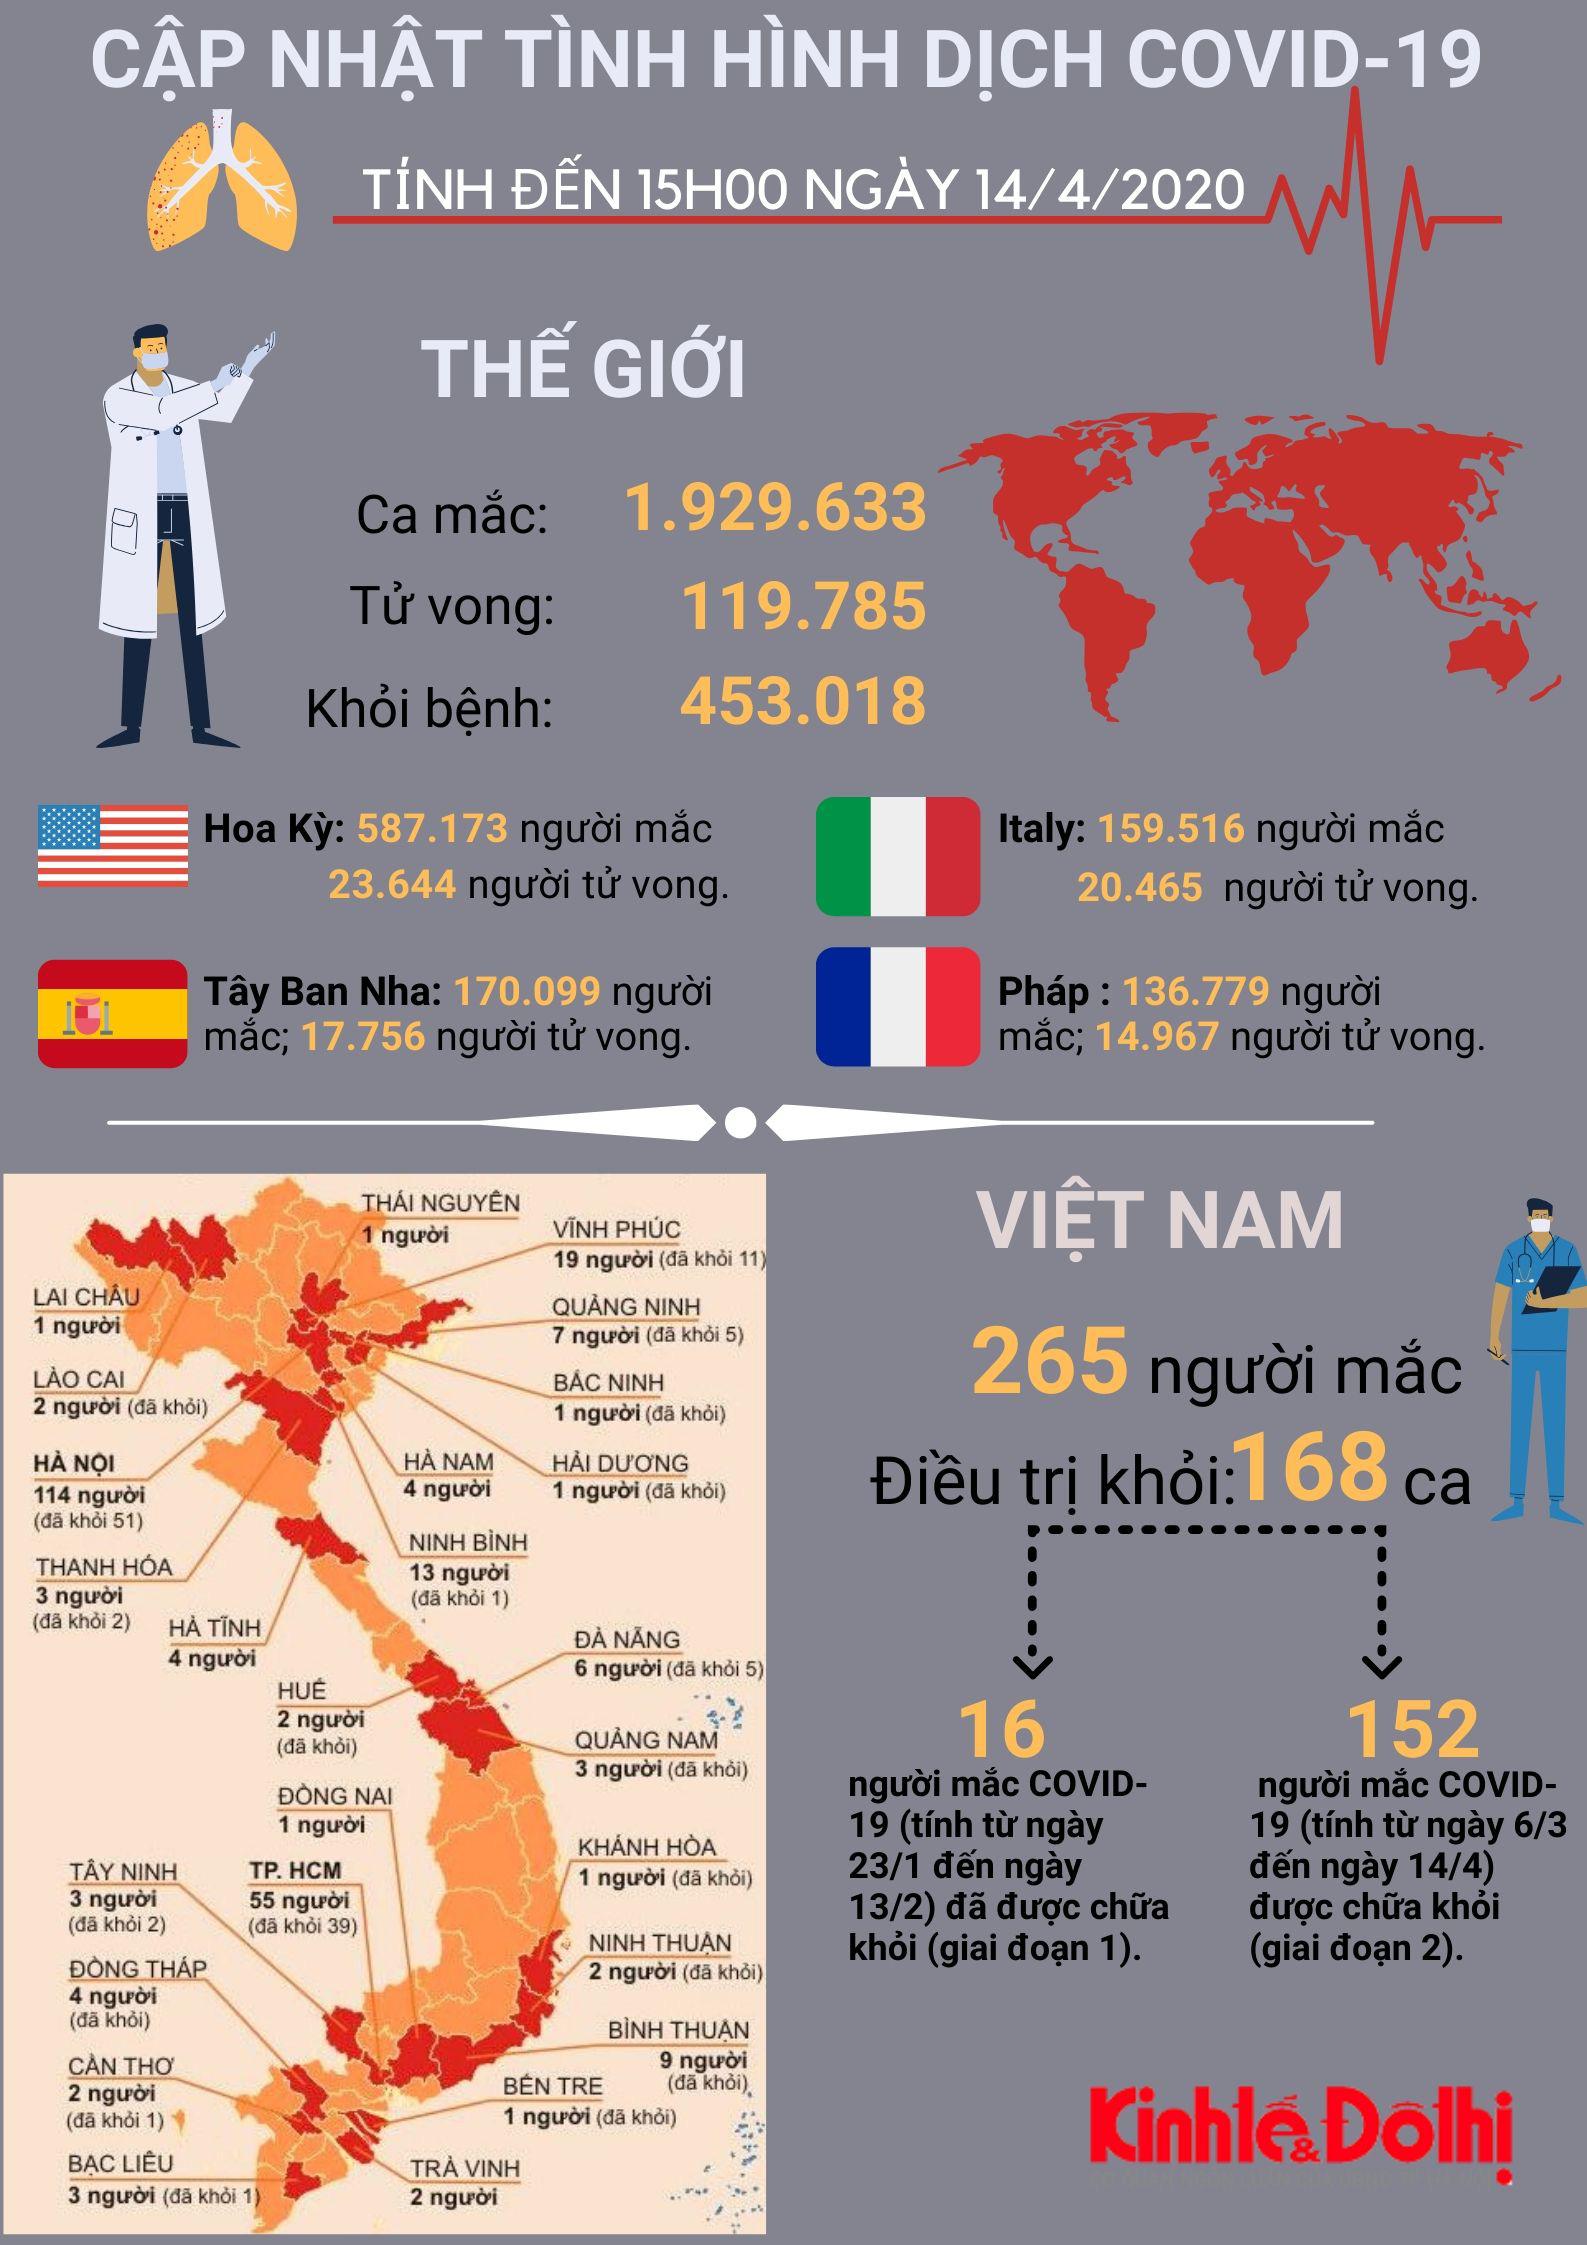 [Infographic] Cập nhật tình hình dịch bệnh Covid-19 ngày 14/4/2020 - Ảnh 1.